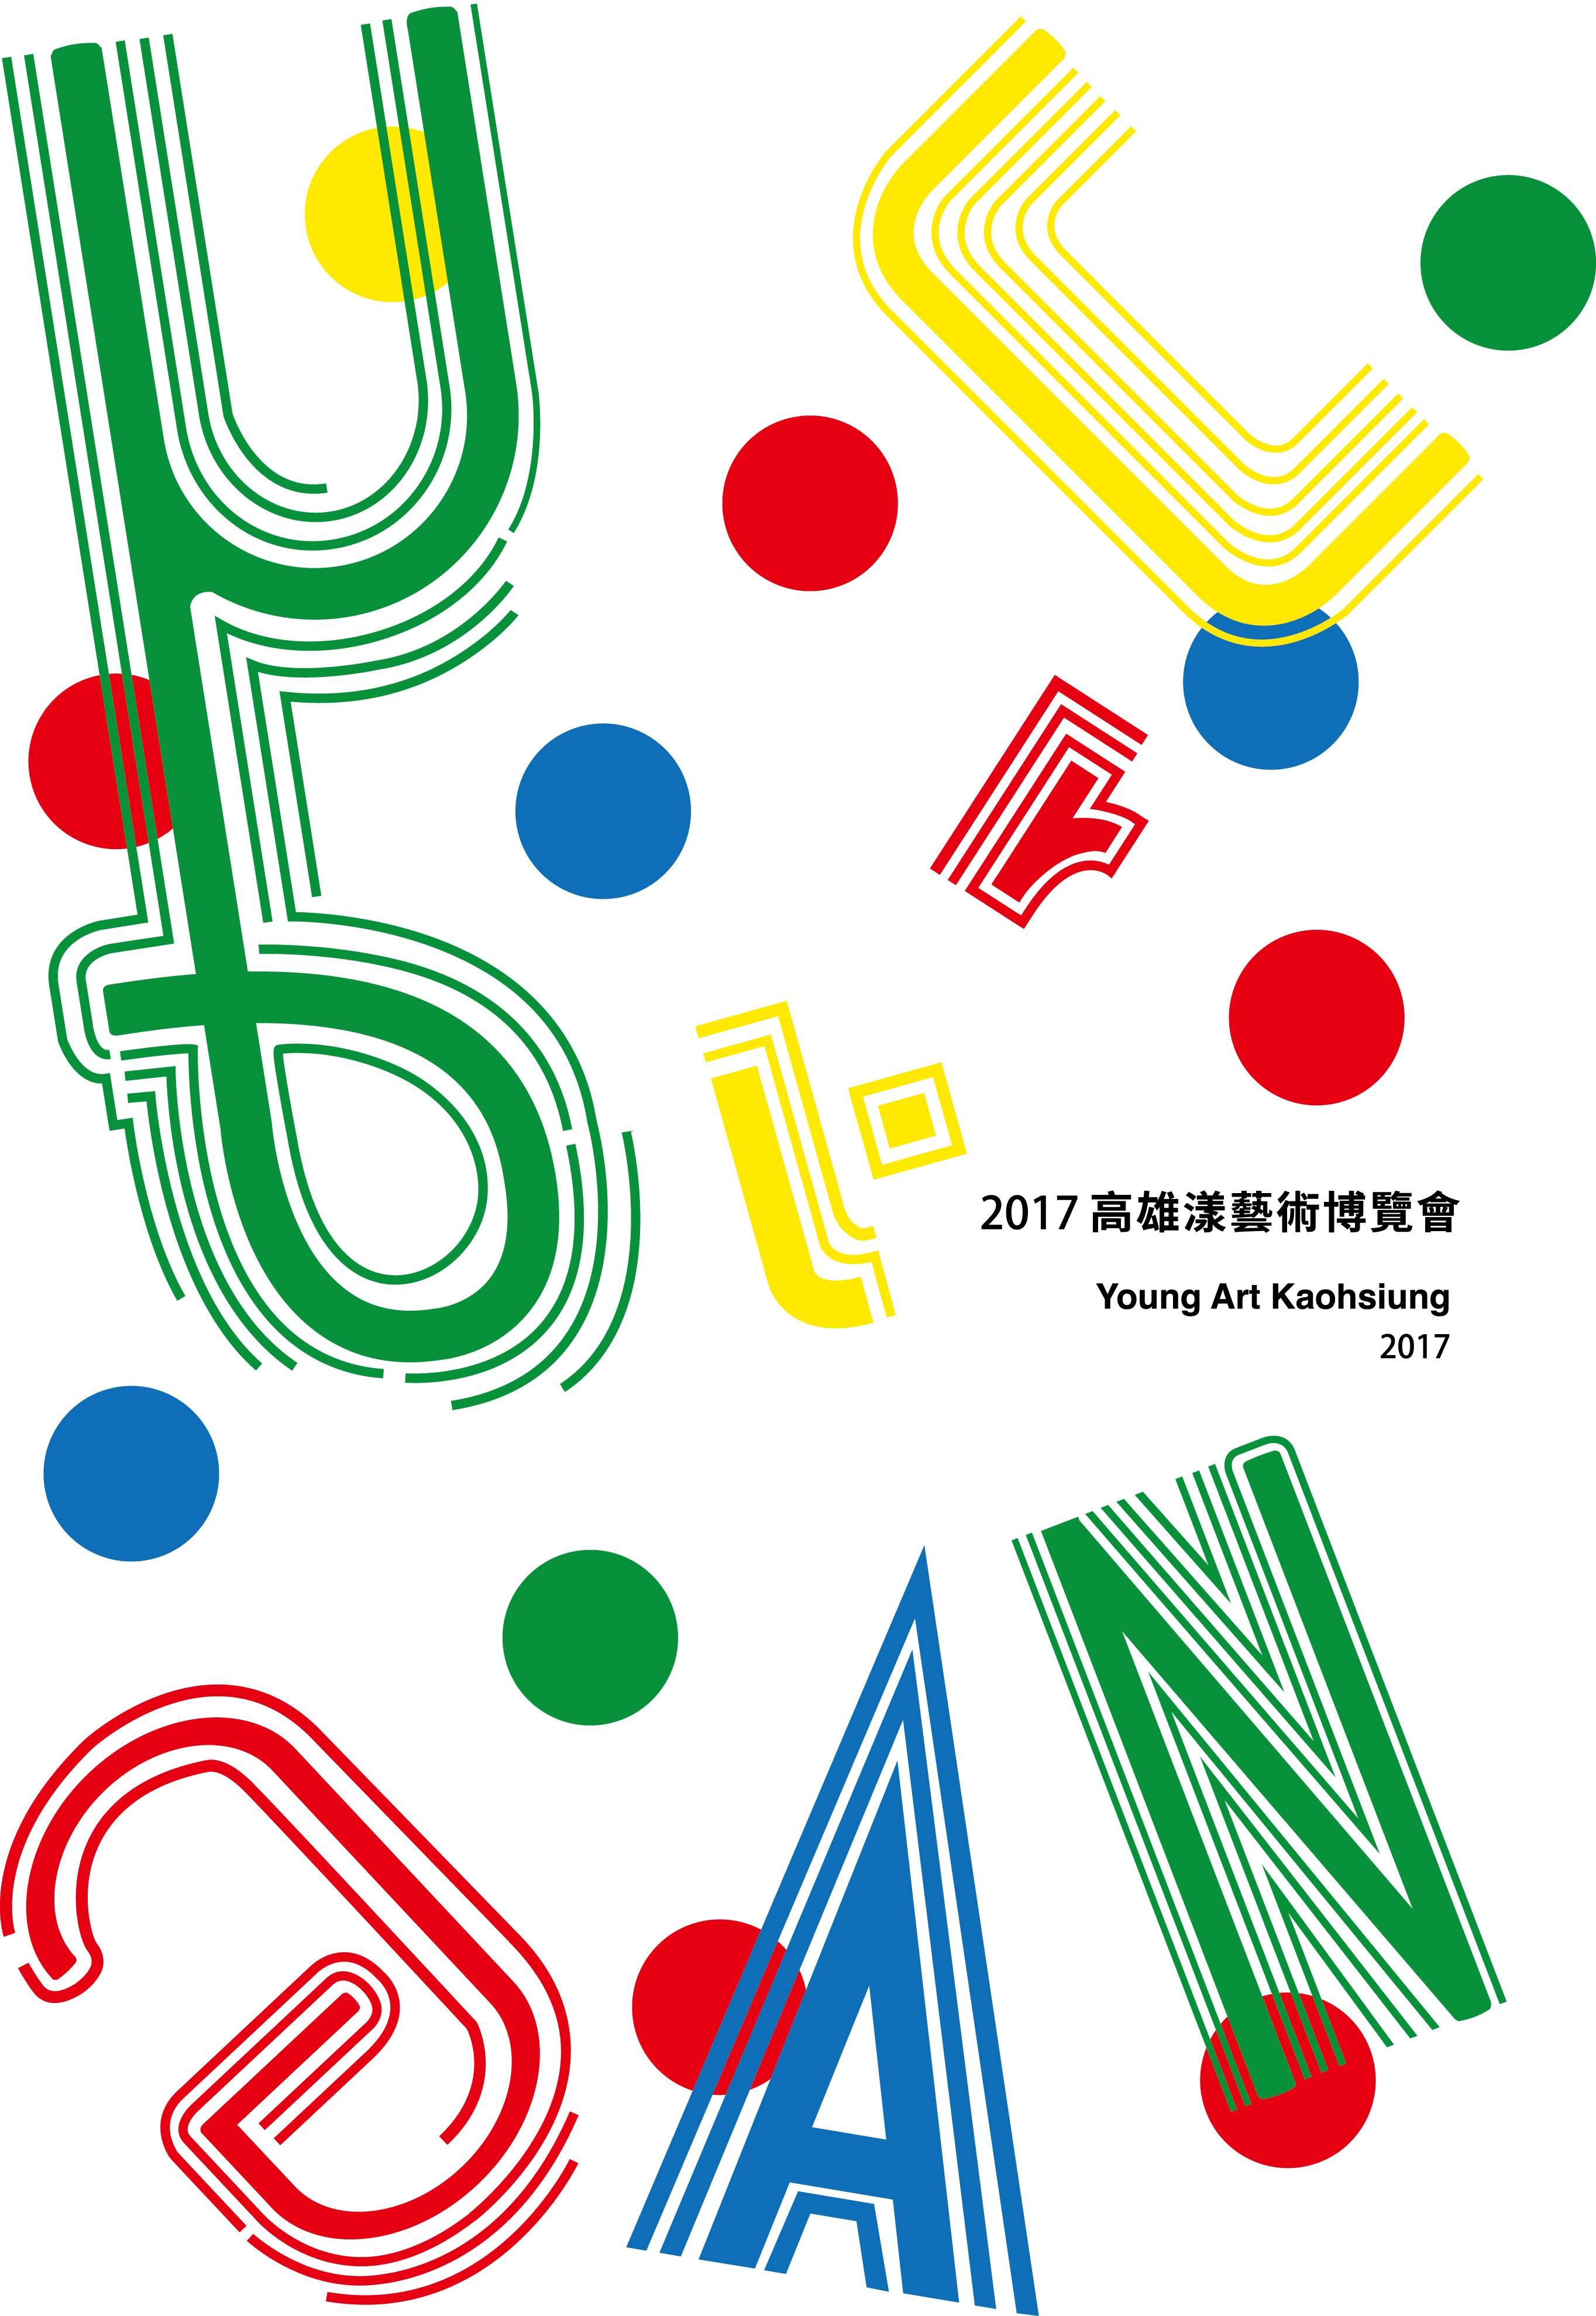 2017高雄漾藝術博覽會即日起開始徵件